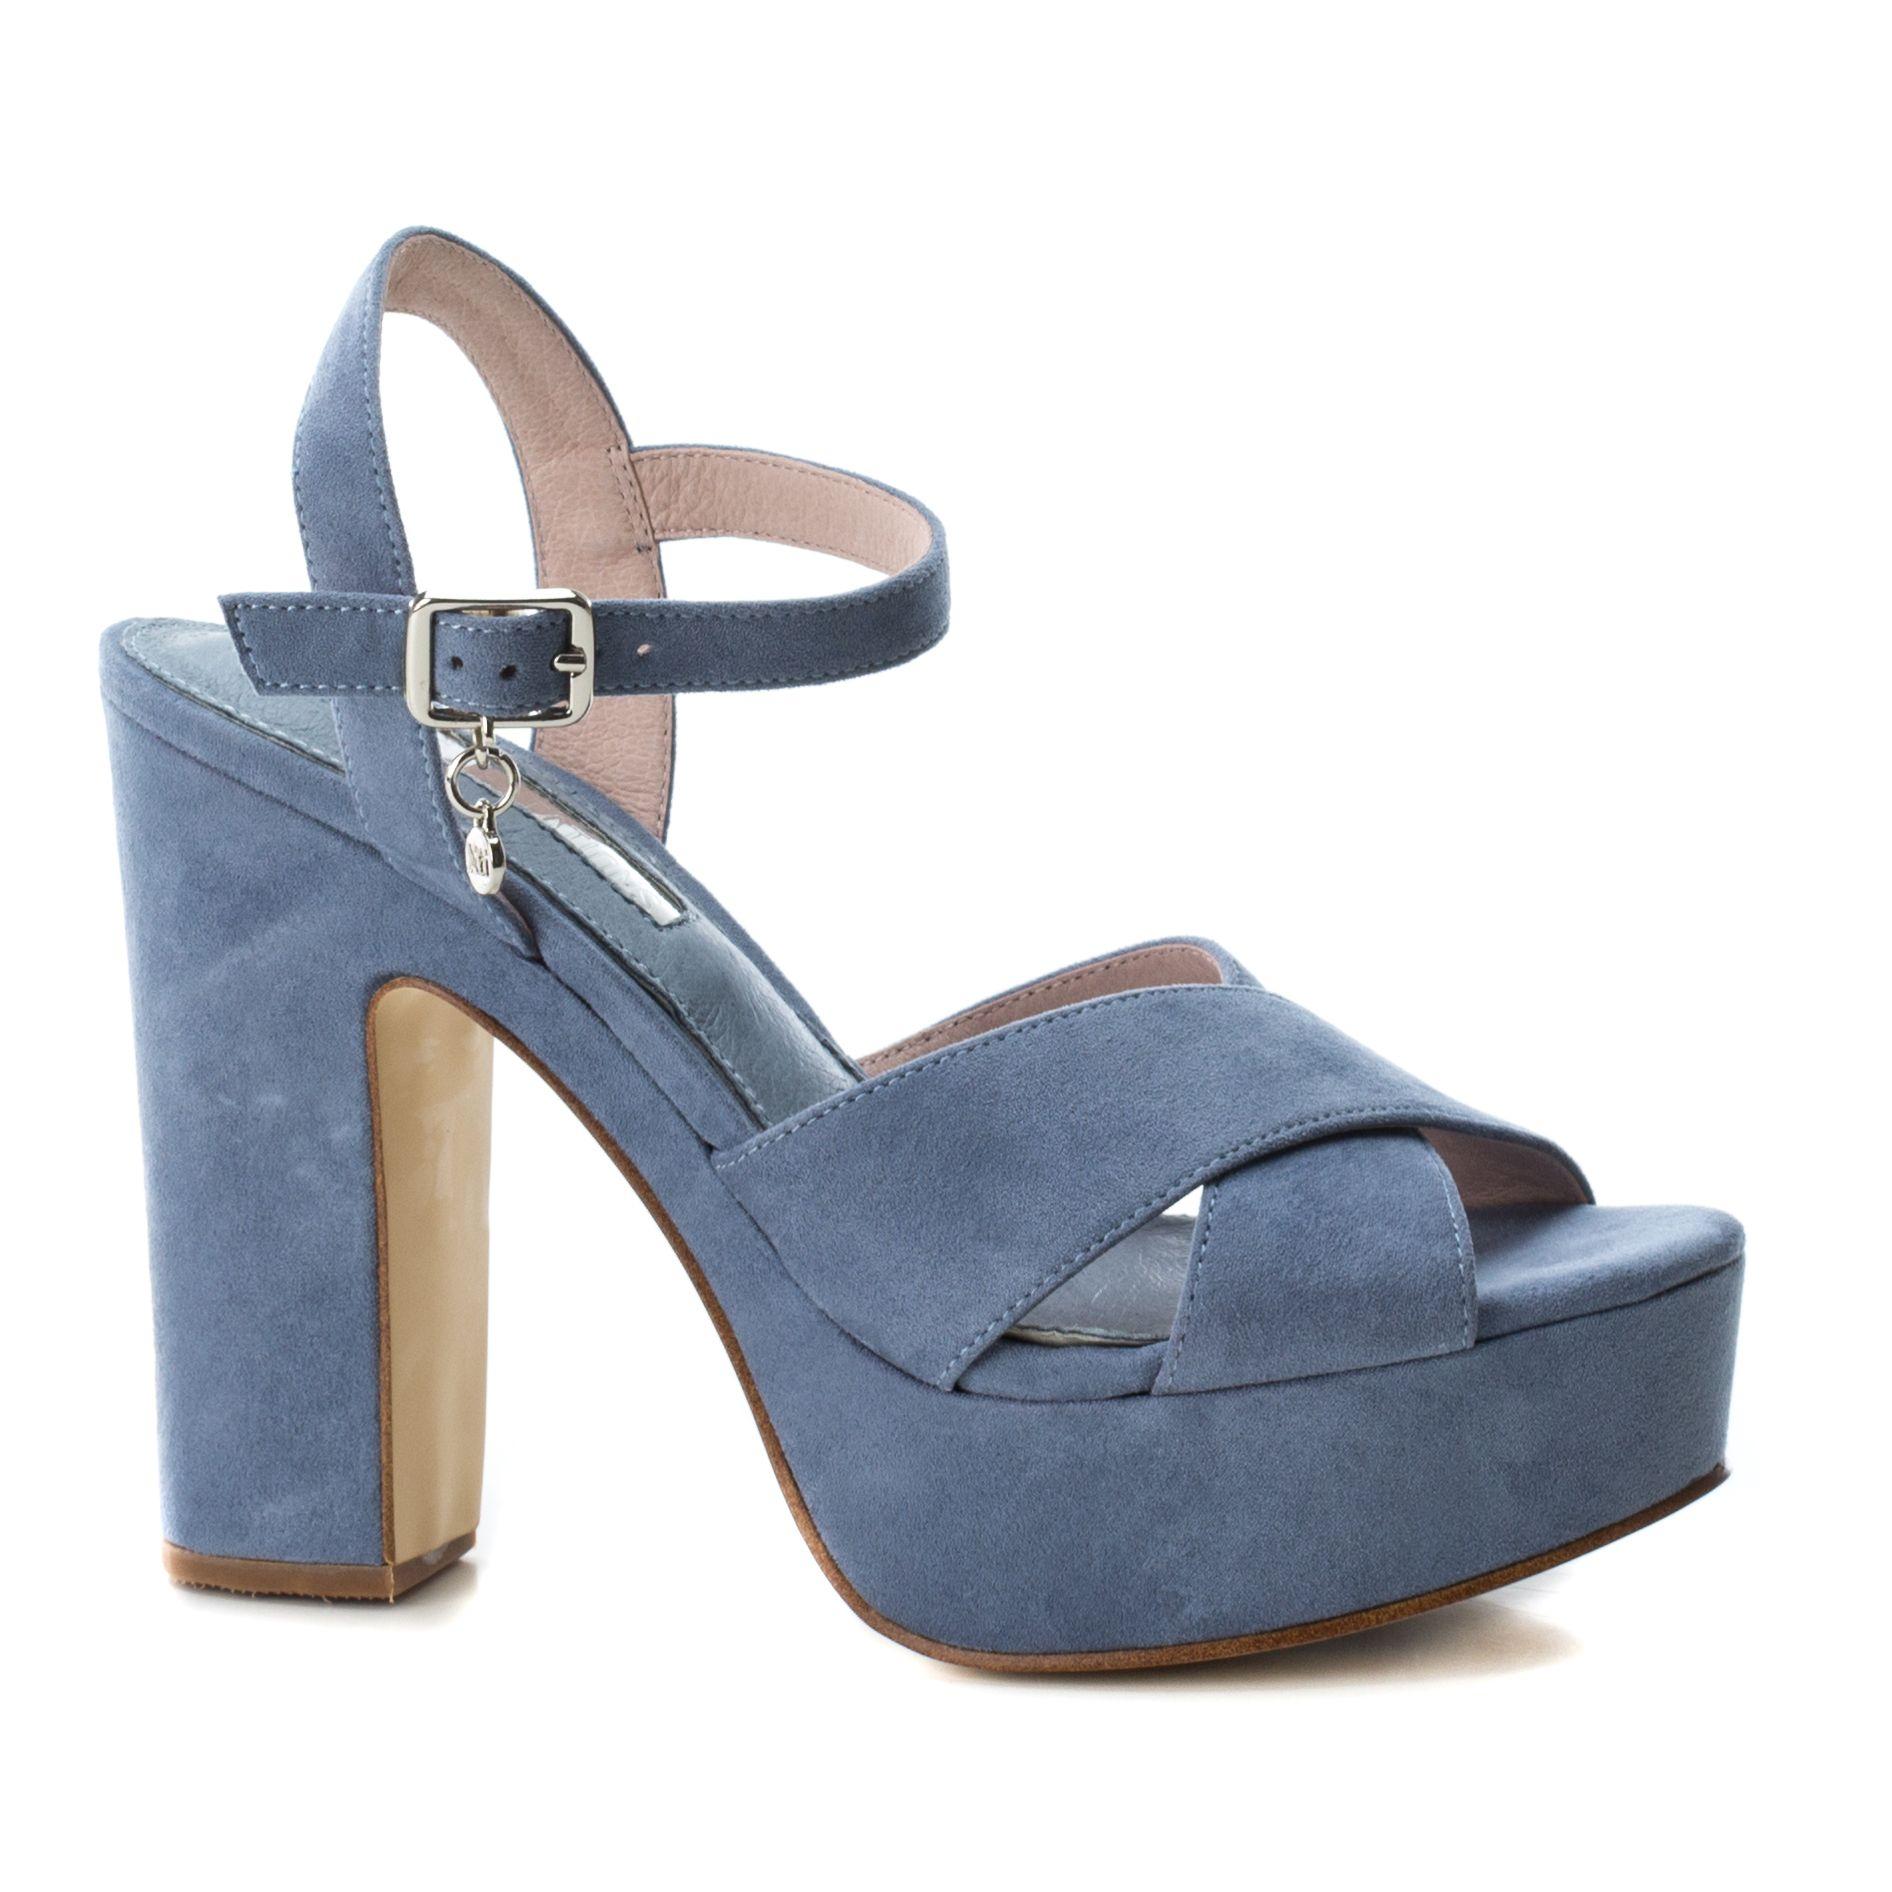 Sandalias De Zapatos Xti Sara Sampaio Lleva Las 8n0PONwkX